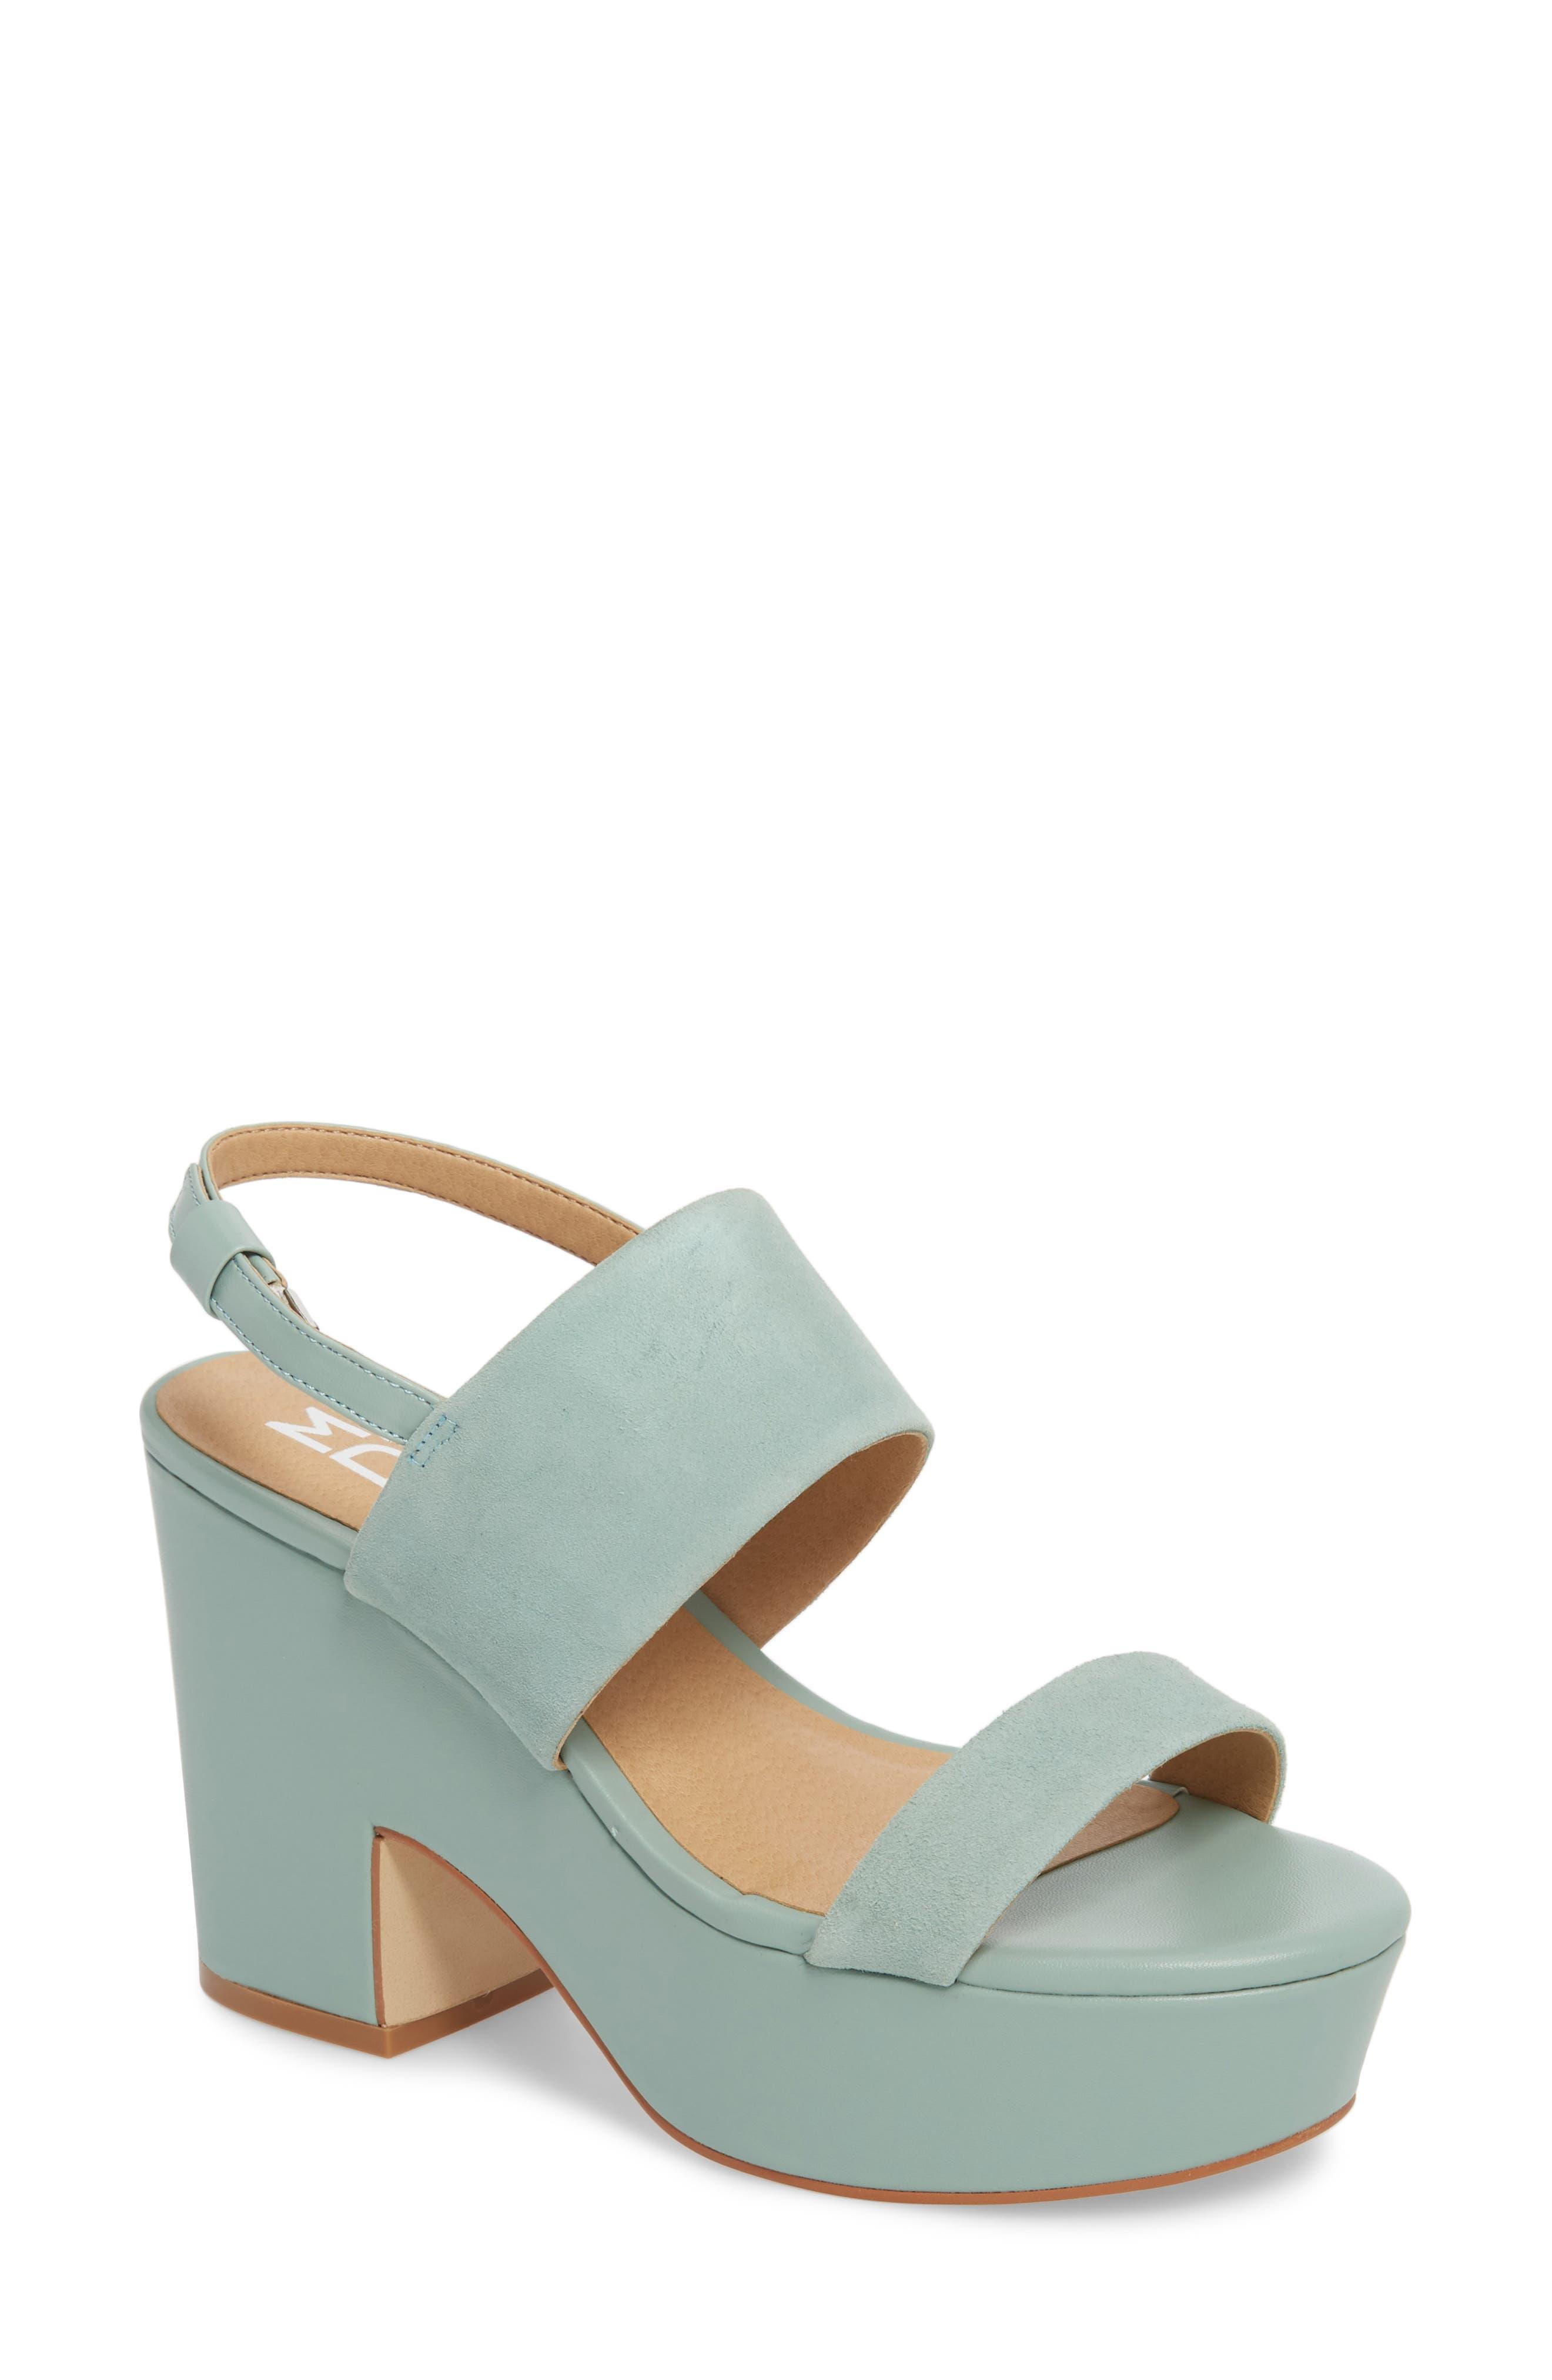 outlet lowest price new arrival sale online M4D3 Richmond Platform Sandals 1cwlvm5p